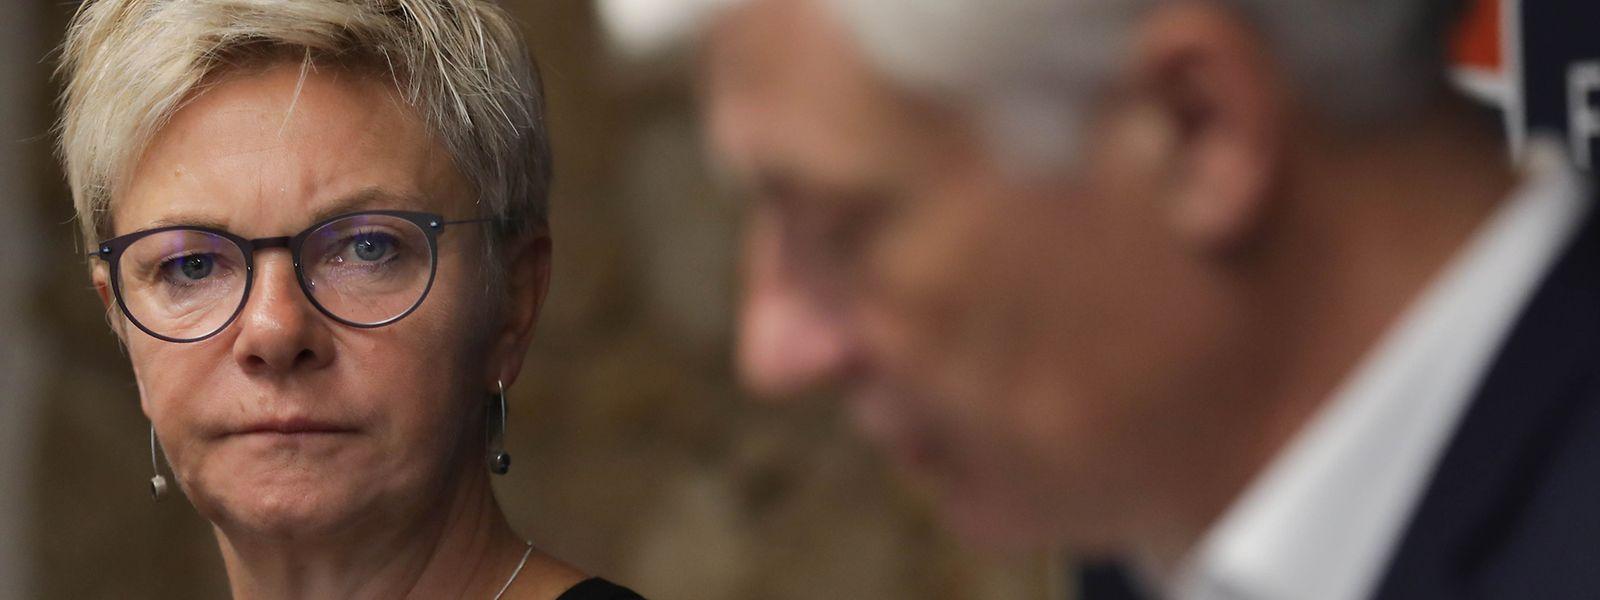 Martine Hansen hat bei den Nationalwahlen ein exzellentes persönliches Ergebnis erzielt und wird Claude Wiseler voraussichtlich als Fraktionschef beerben.